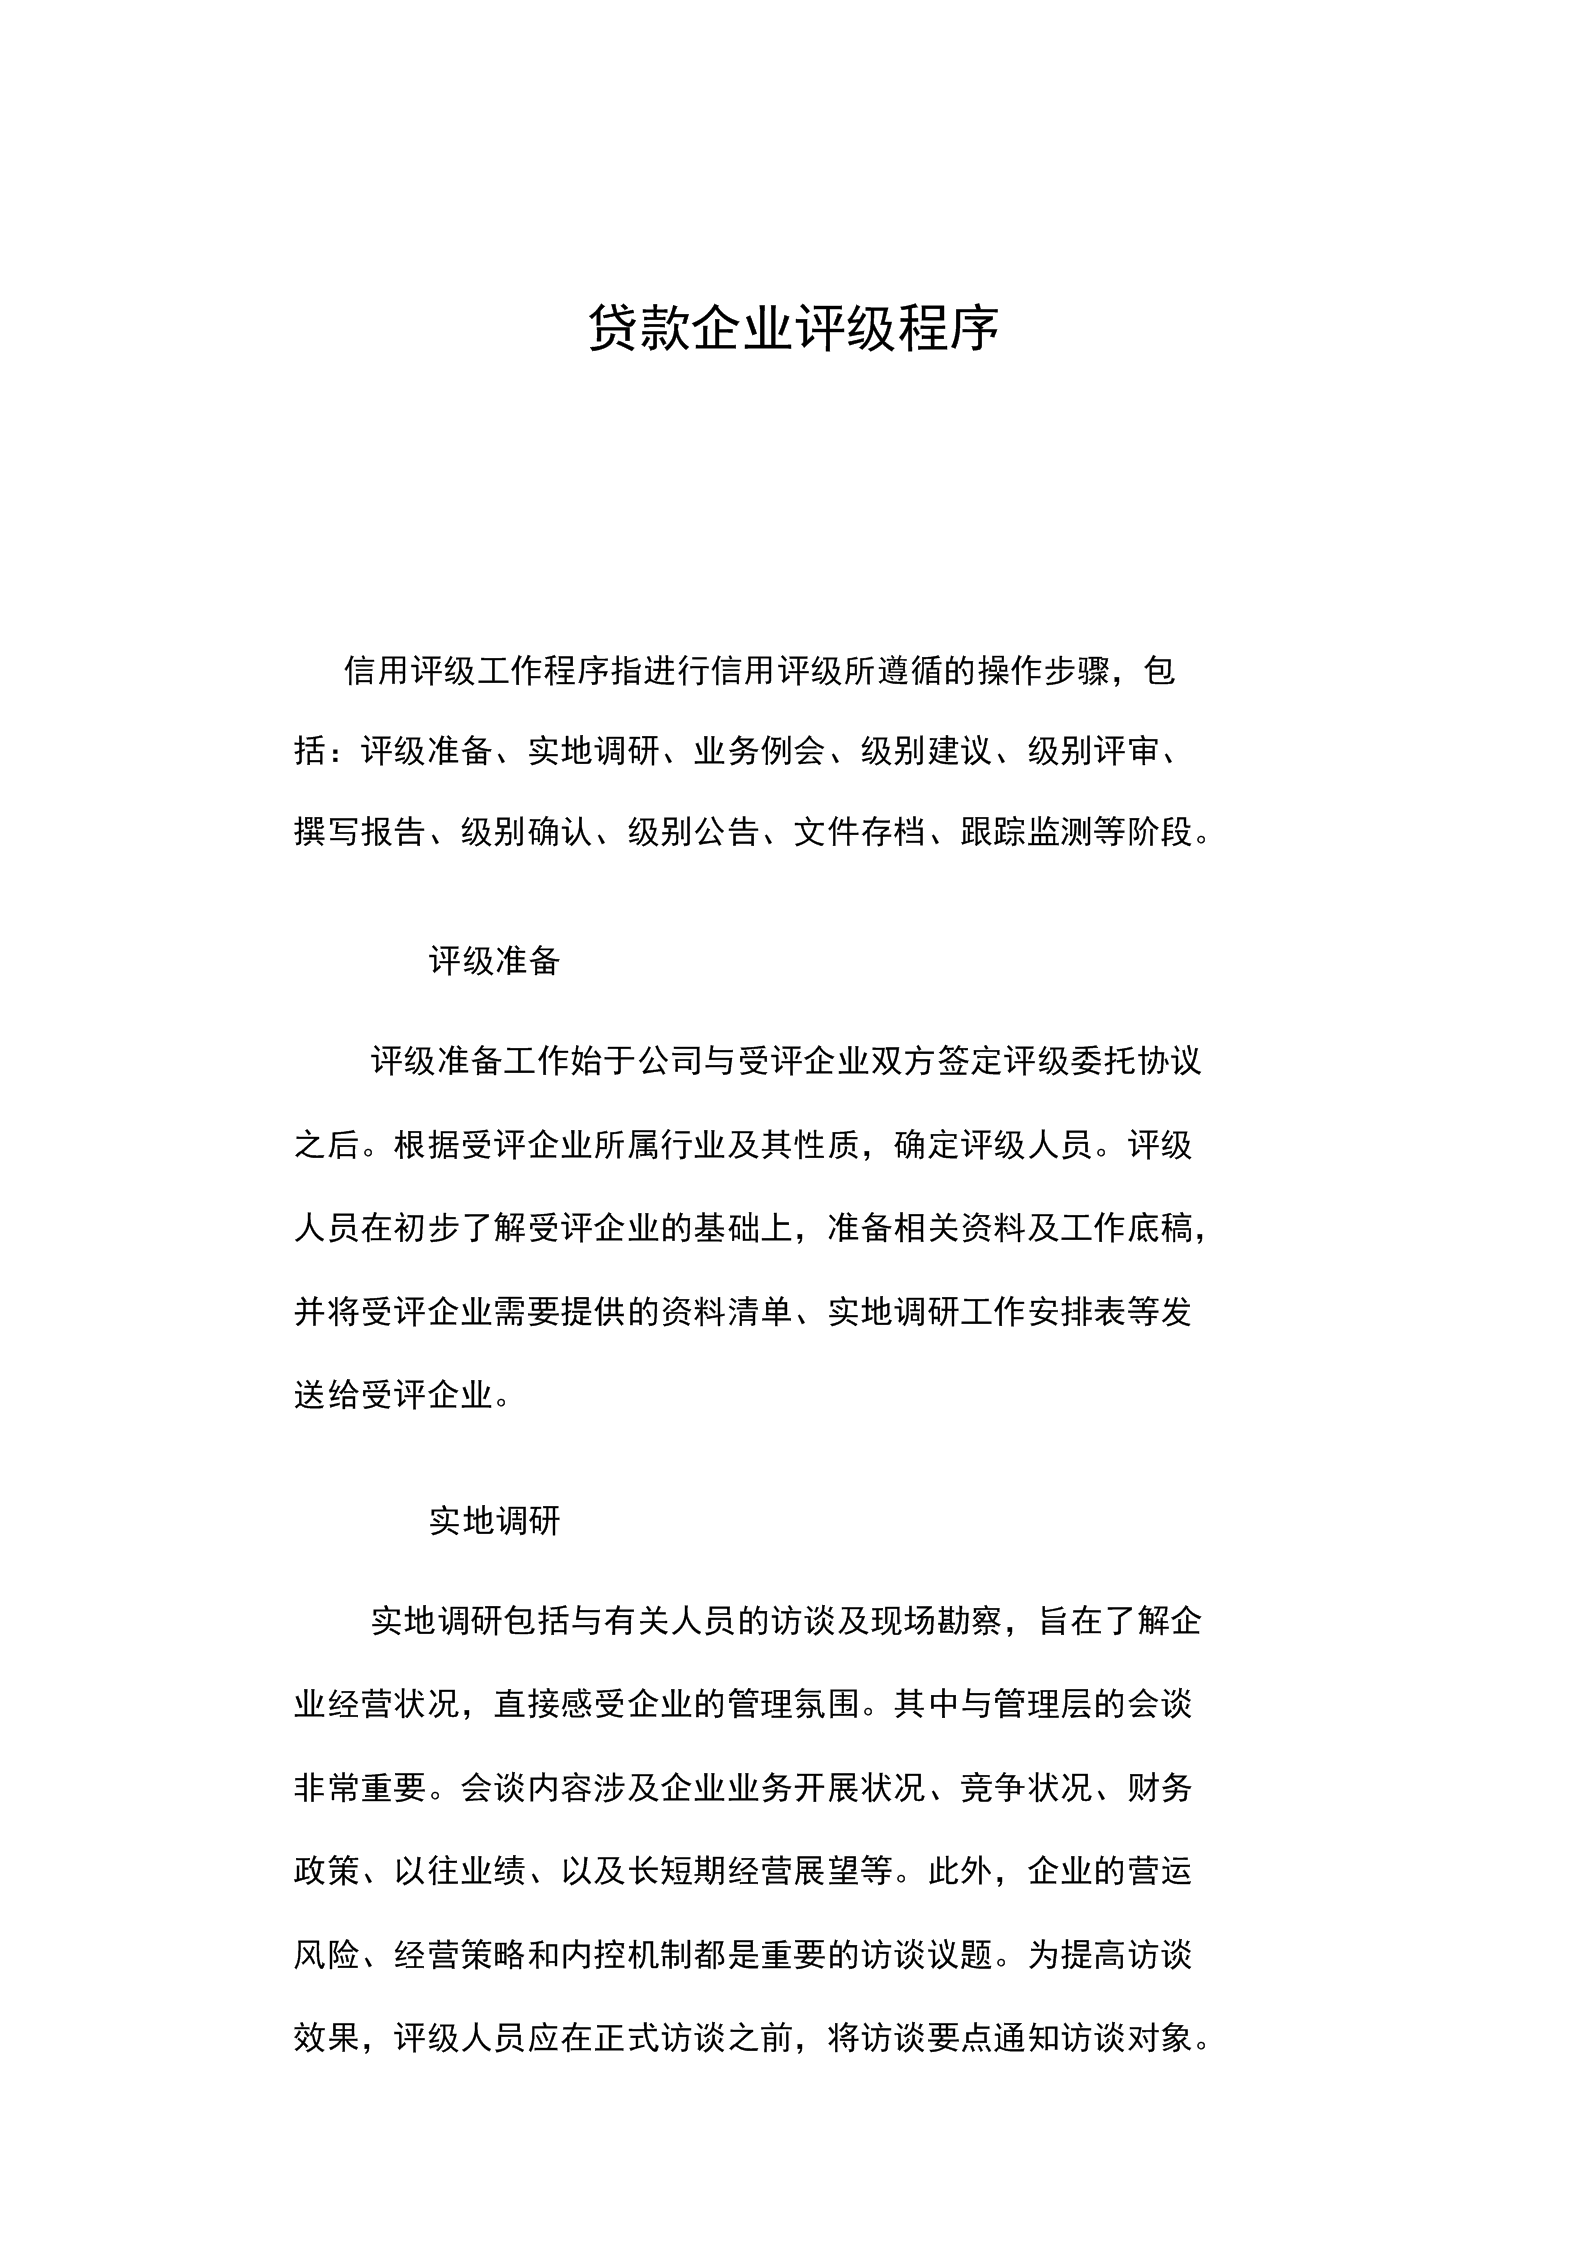 企业资信与债券评级方法.docx